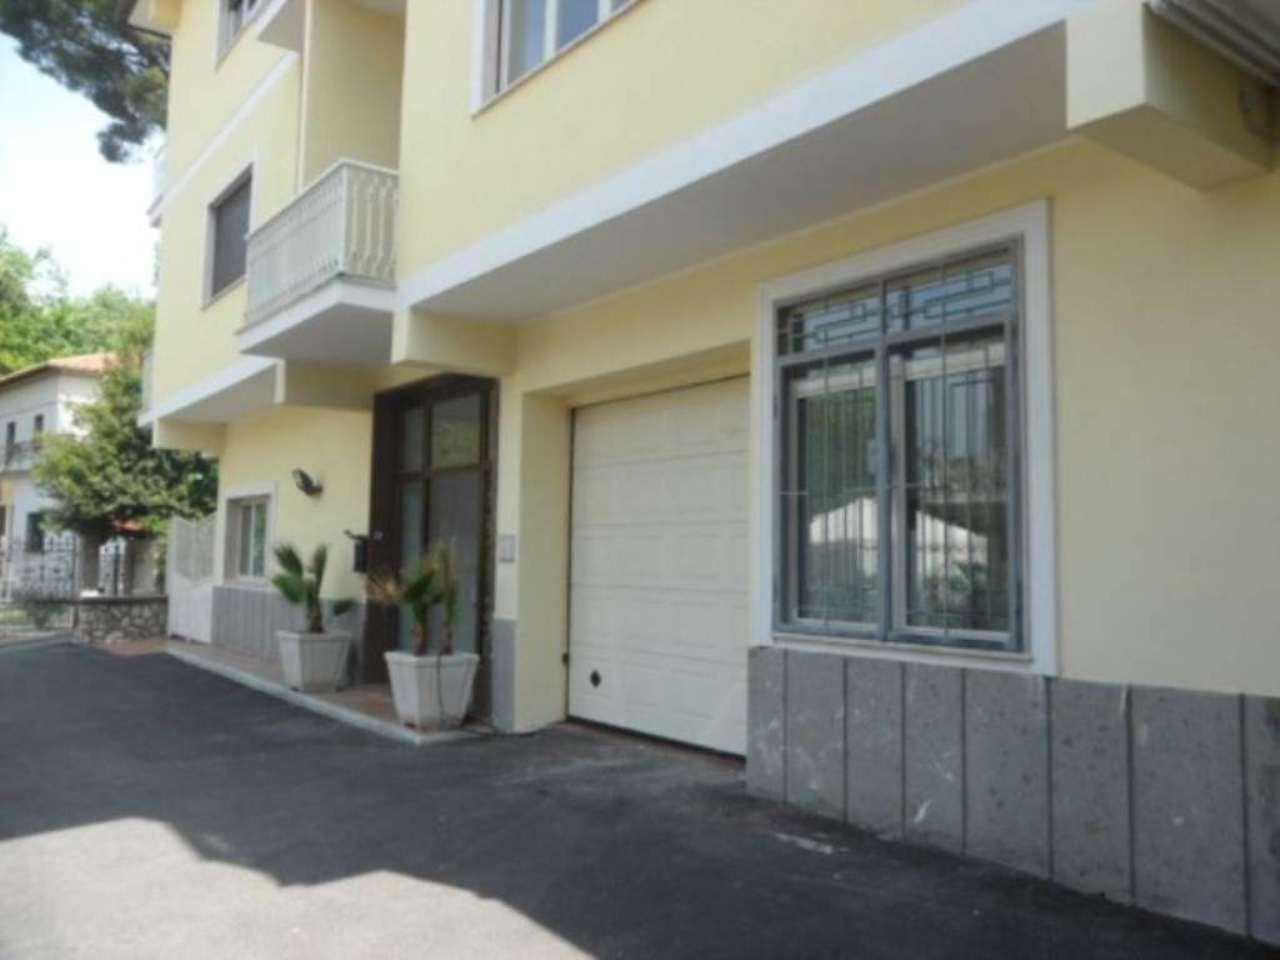 Appartamento in vendita a Fiuggi, 3 locali, prezzo € 99.000 | Cambio Casa.it